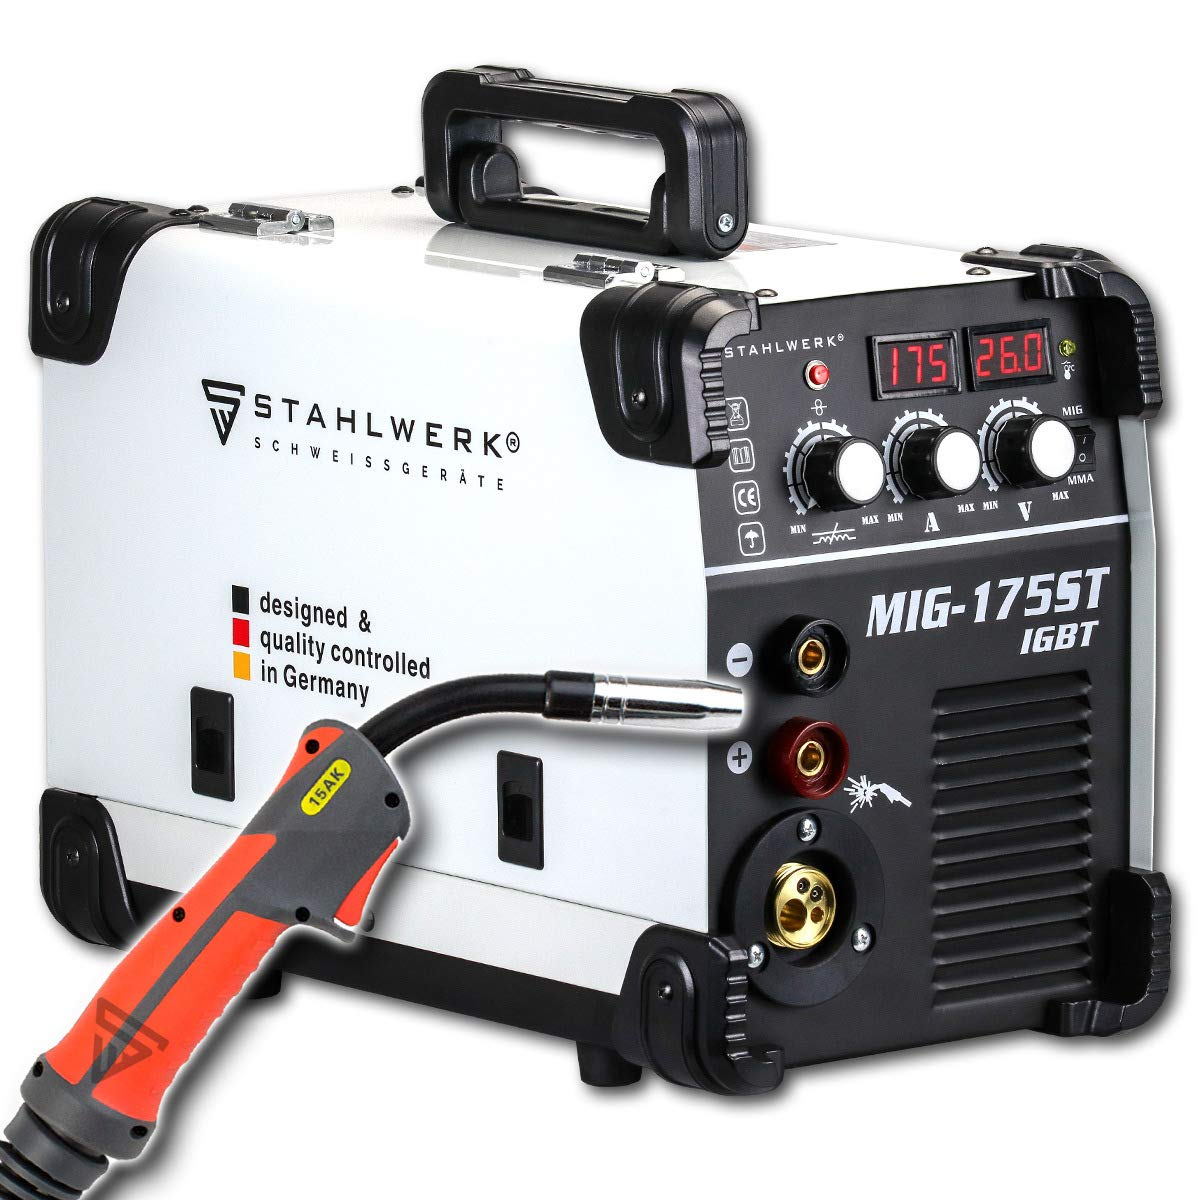 STAHLWERK MIG 175 ST IGBT Equipo de soldadura de gas de protección MIG MAG con 175 A, hilo tubular FLUX adecuado, con MMA E-Hand, 7 años de garantía